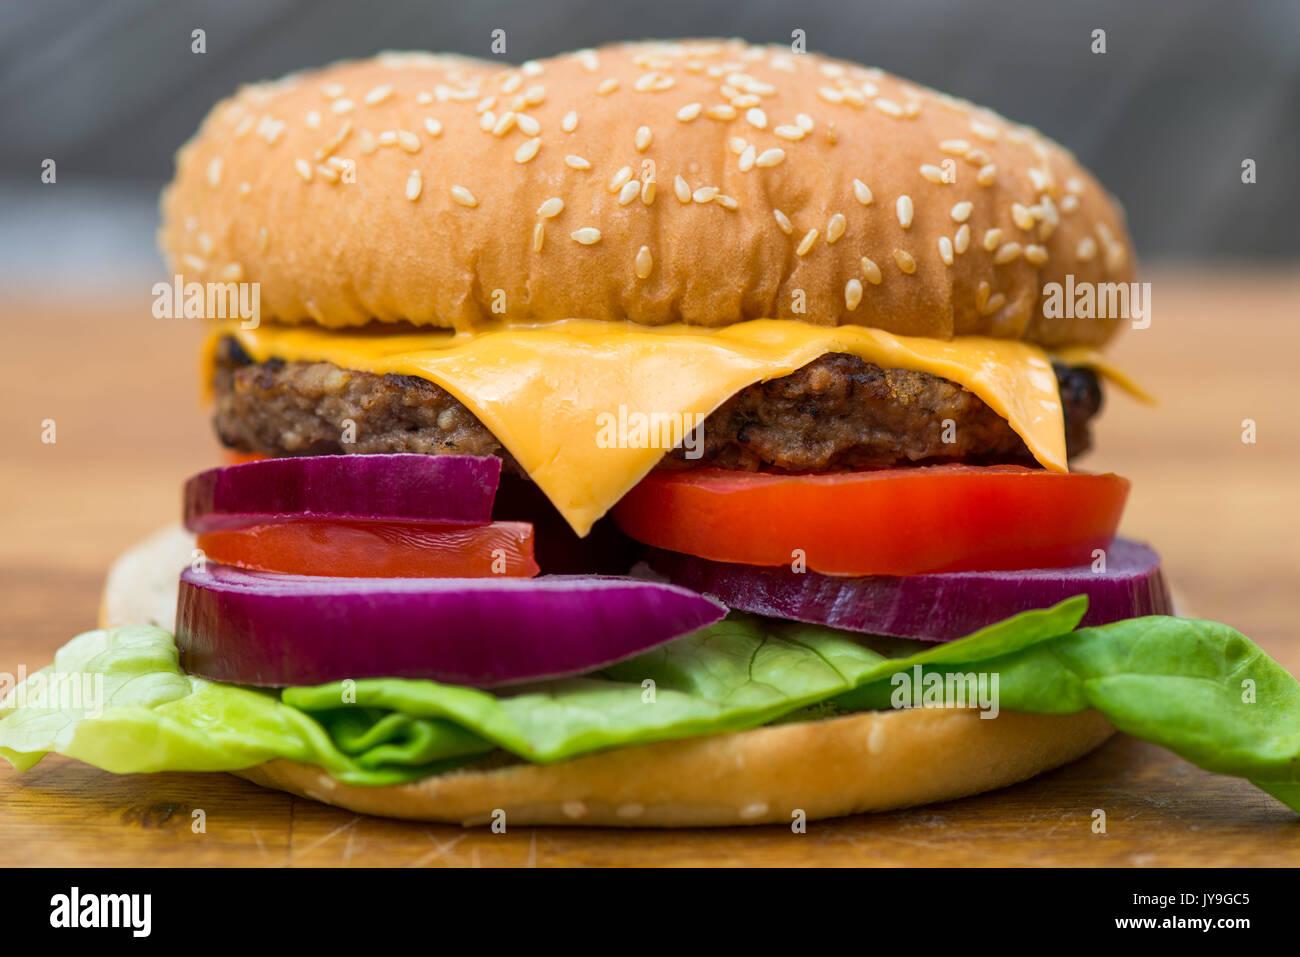 Quartal Pfund Hamburger oder Beefburger in einem Sesam Brot Brötchen mit Salat Stockbild